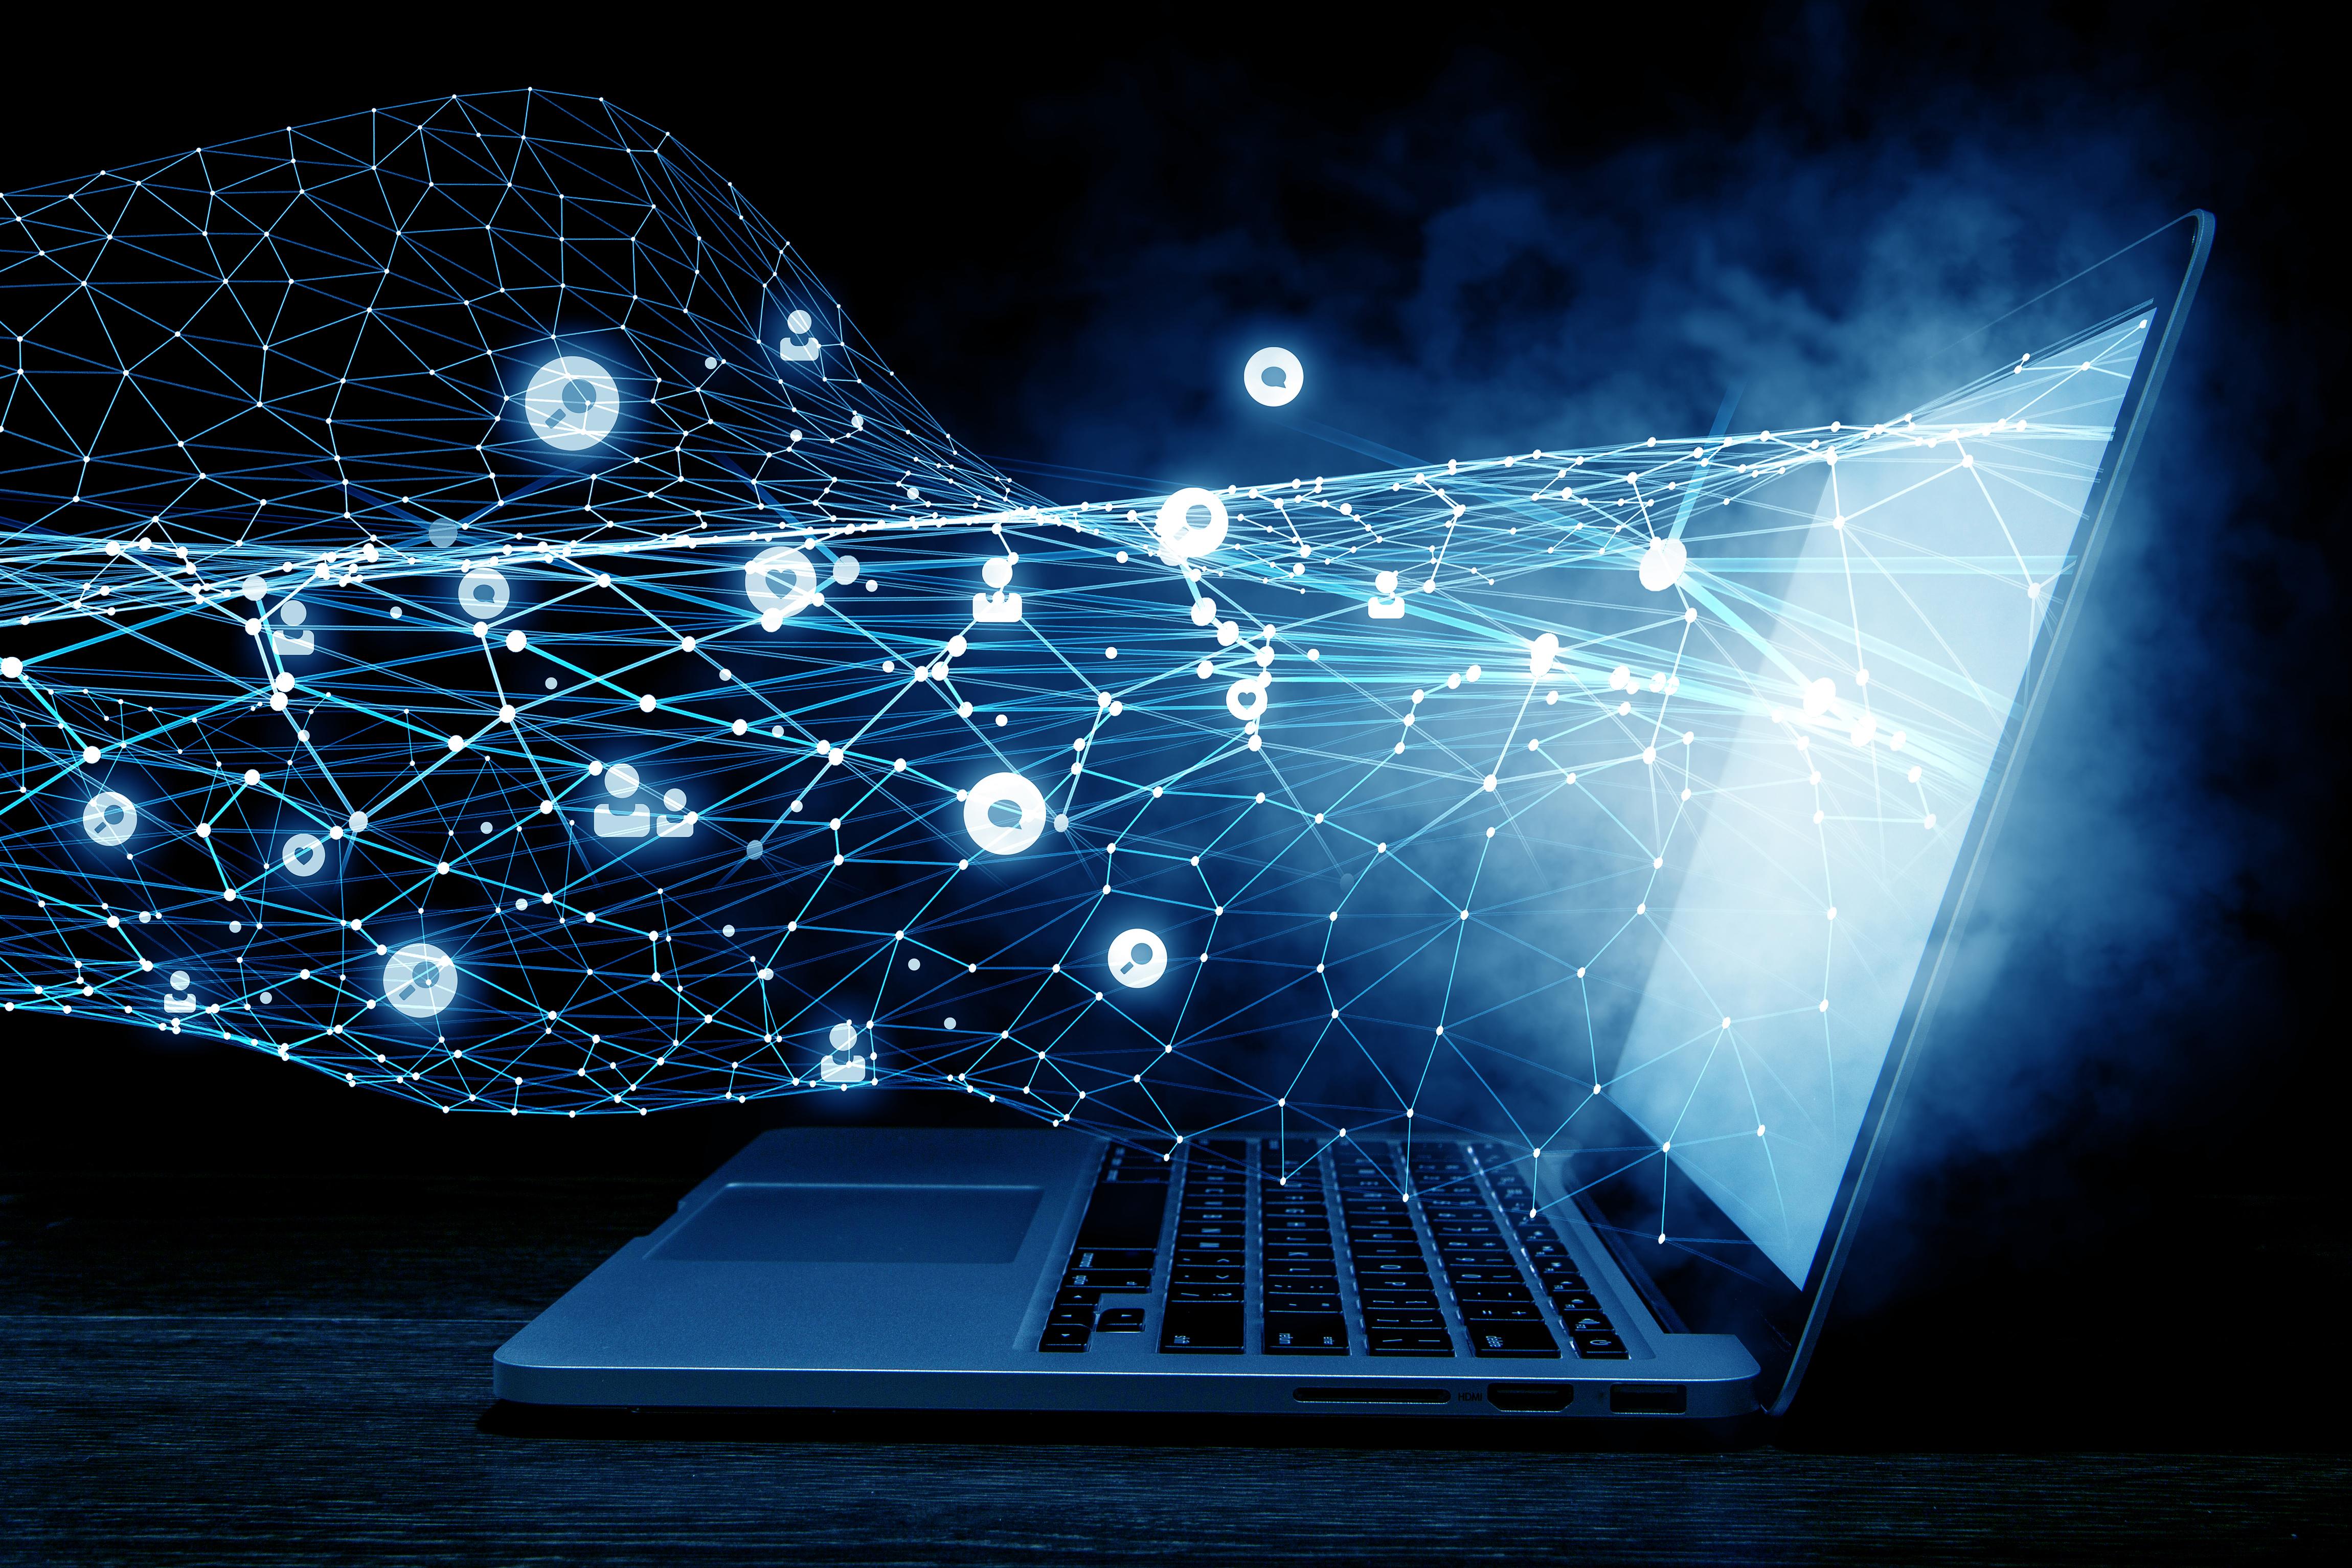 筑牢未成年人网络保护法律底线